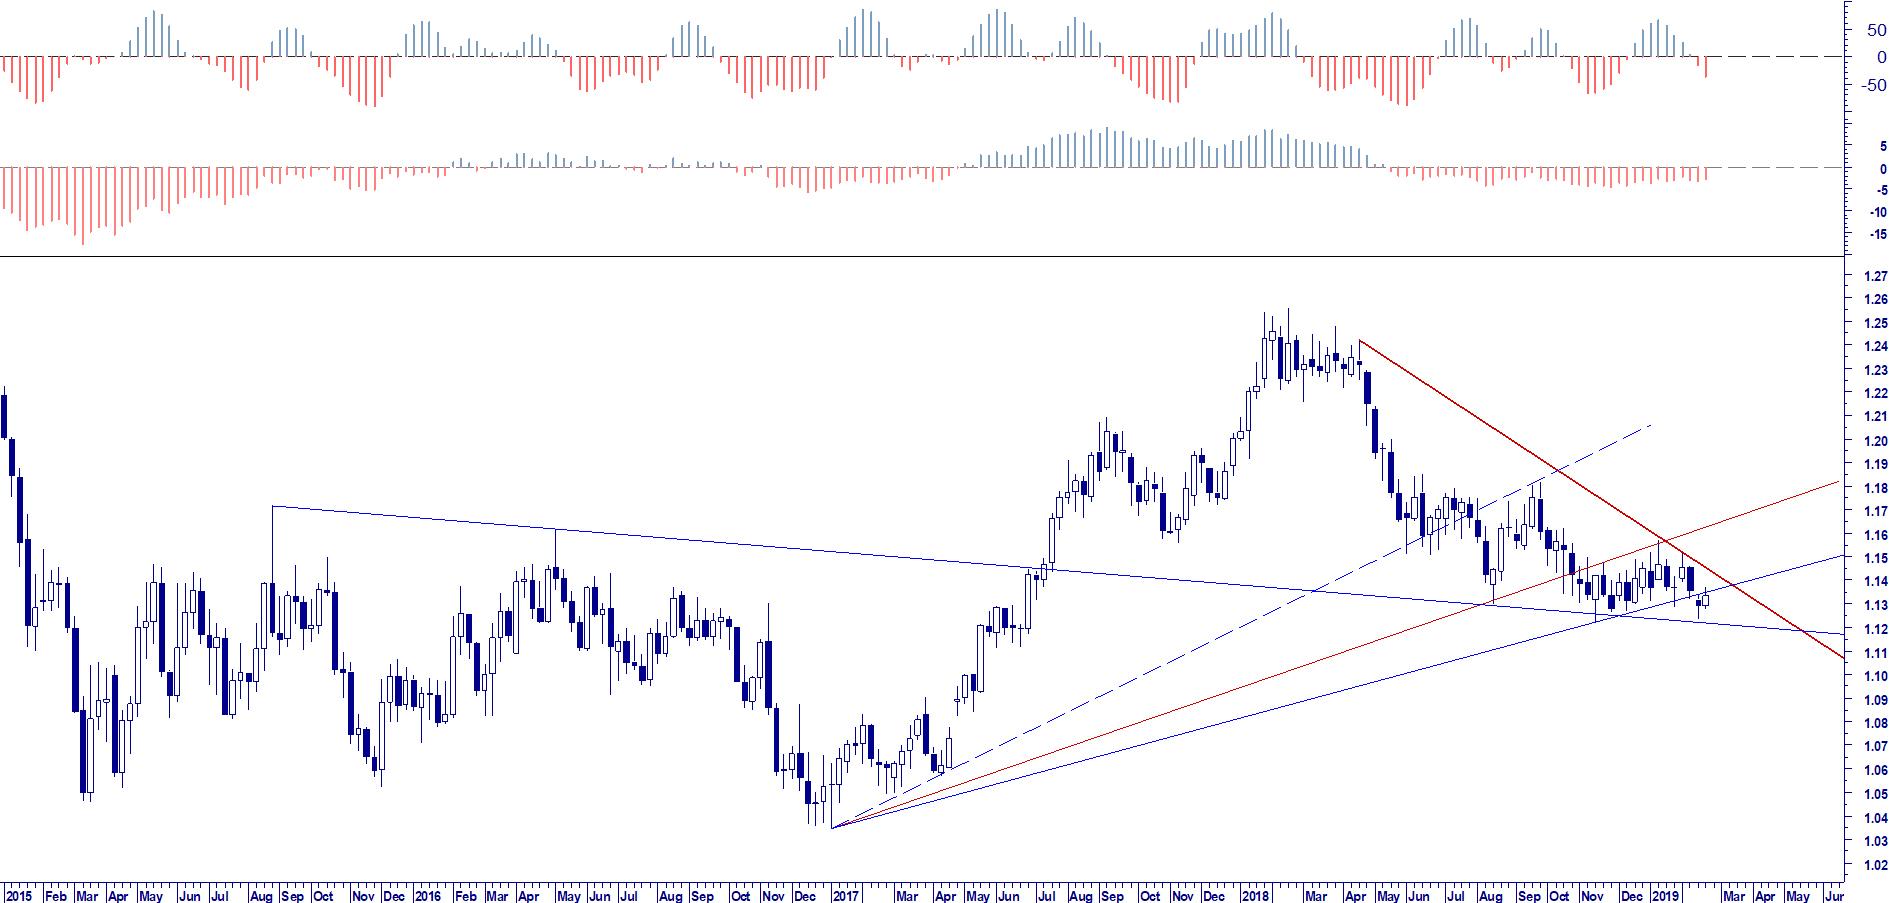 WB ENTERPRISE RISK MANAGEMENT: EUR USD